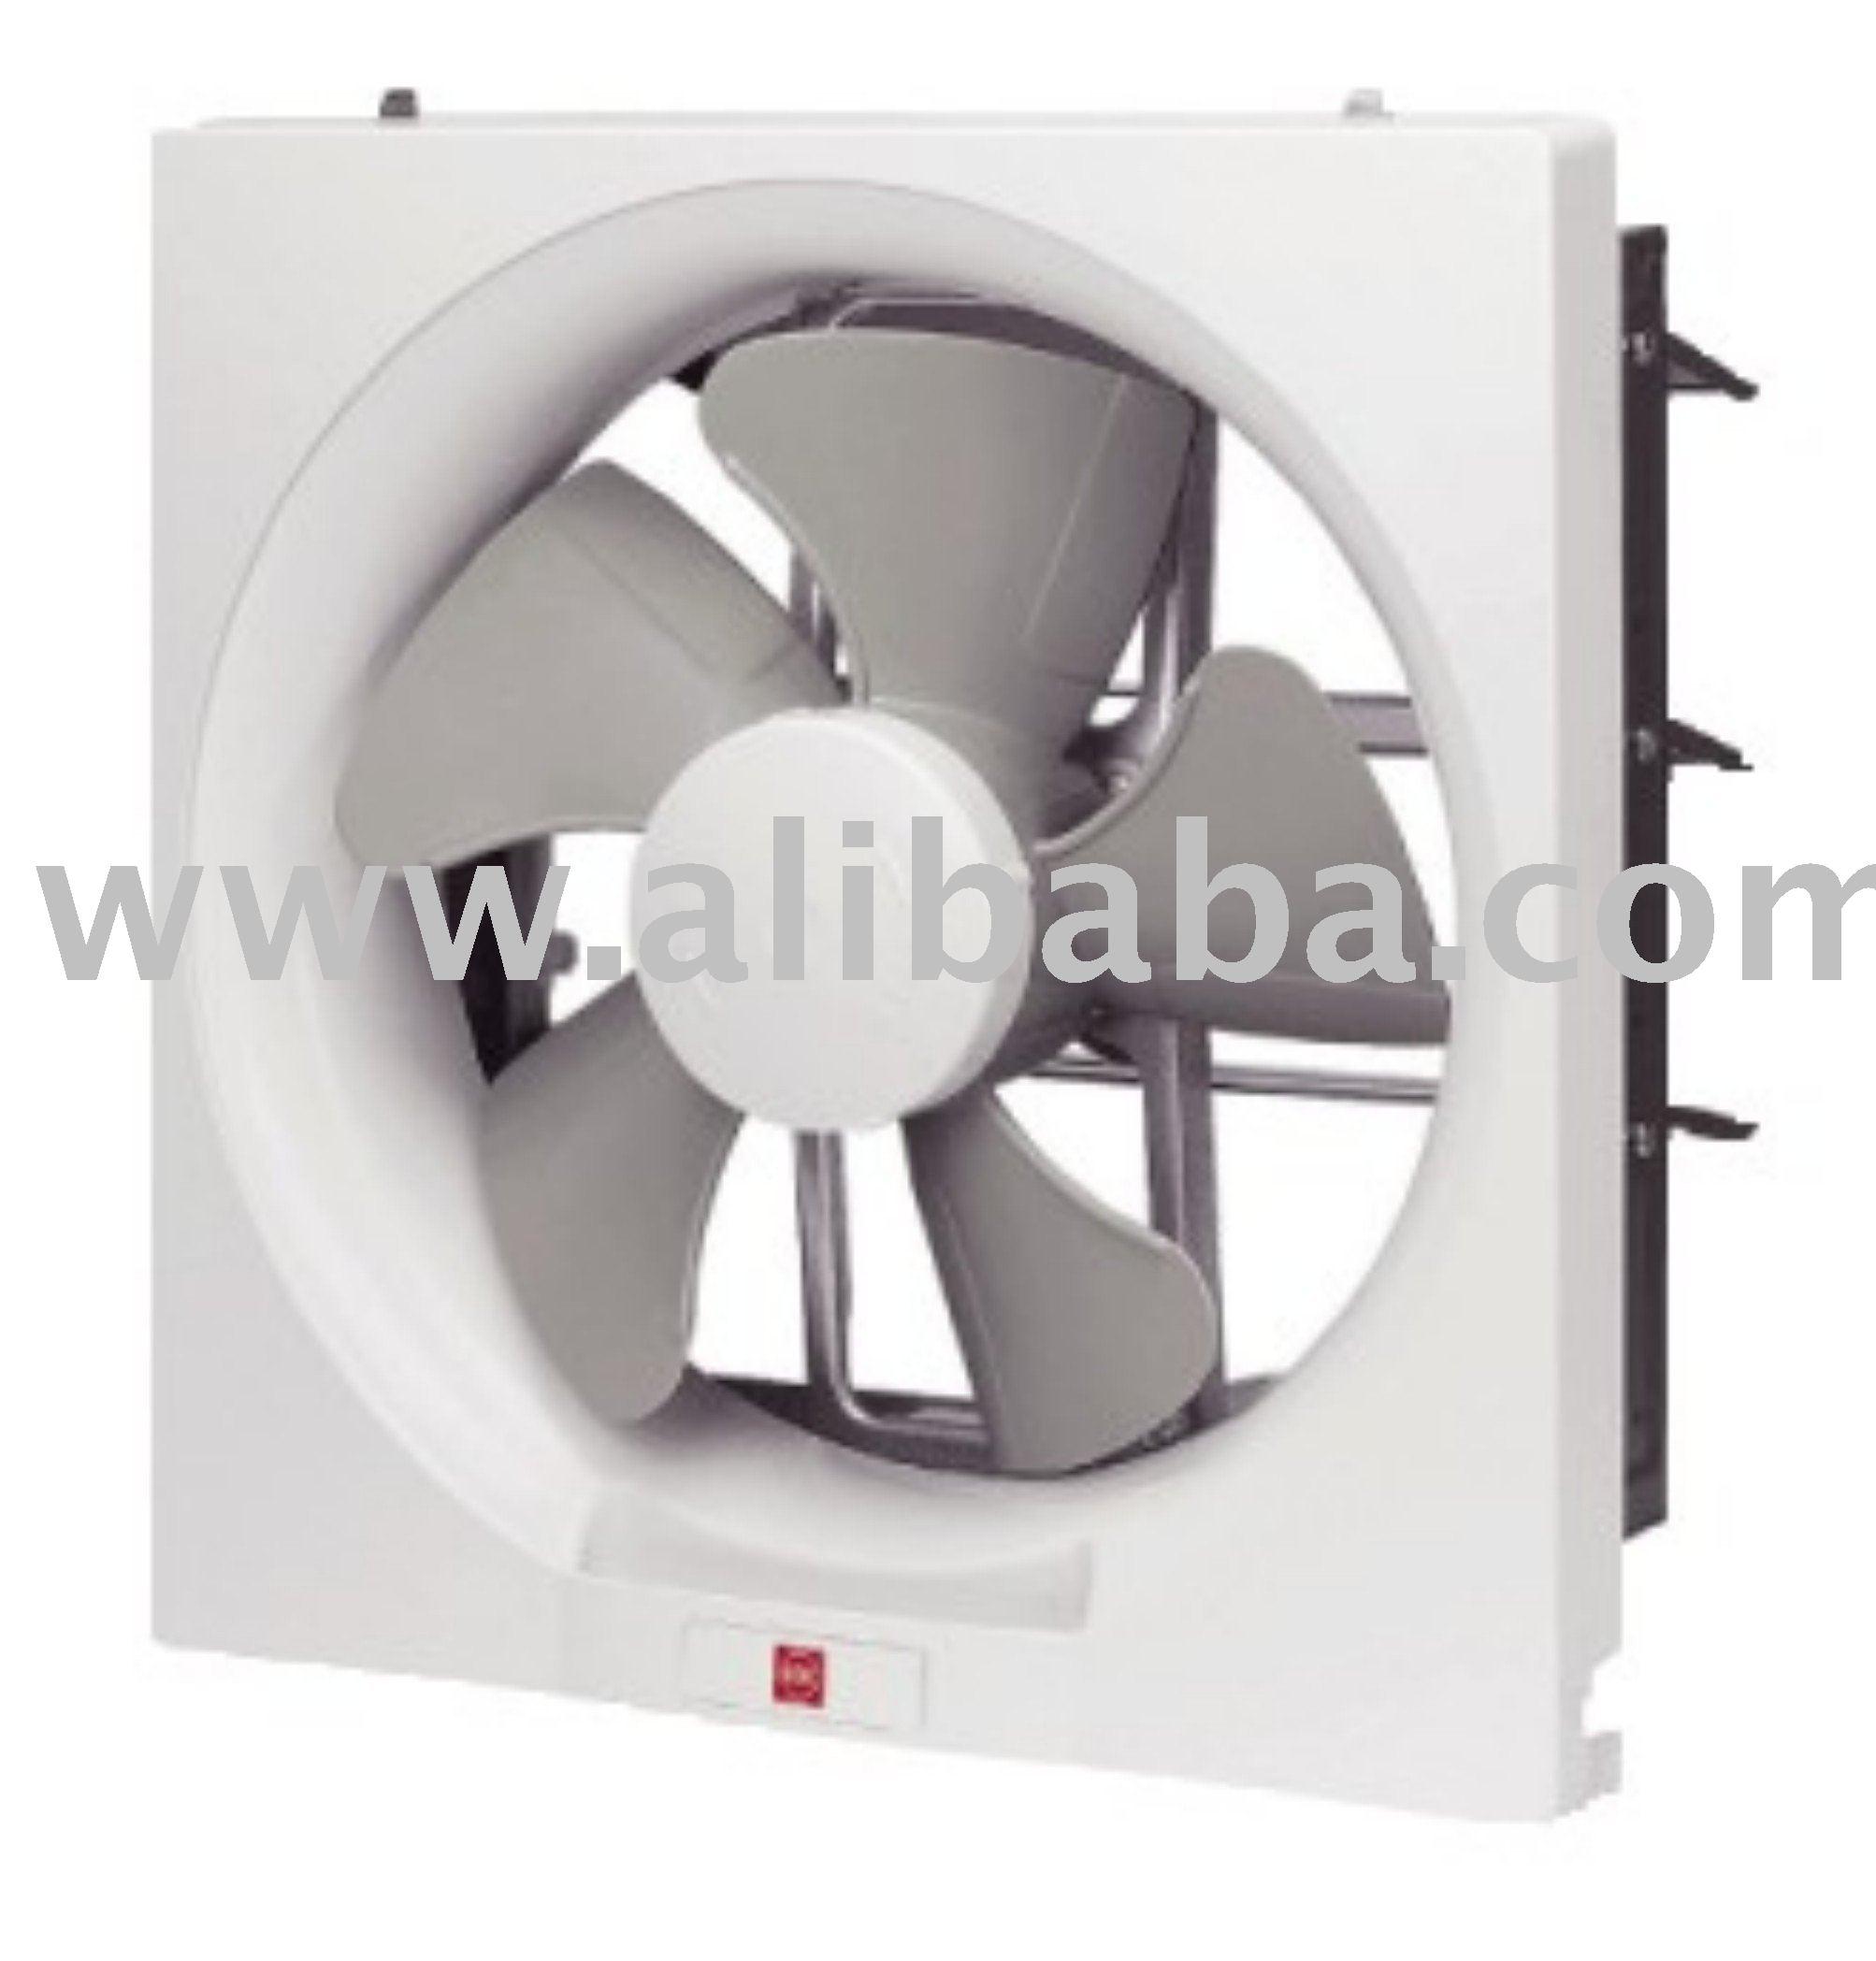 Kdk Wall Mounted Exhaust Fan Kdk Wall Mounted Exhaust Fan Suppliers - Wall mount bathroom exhaust fan